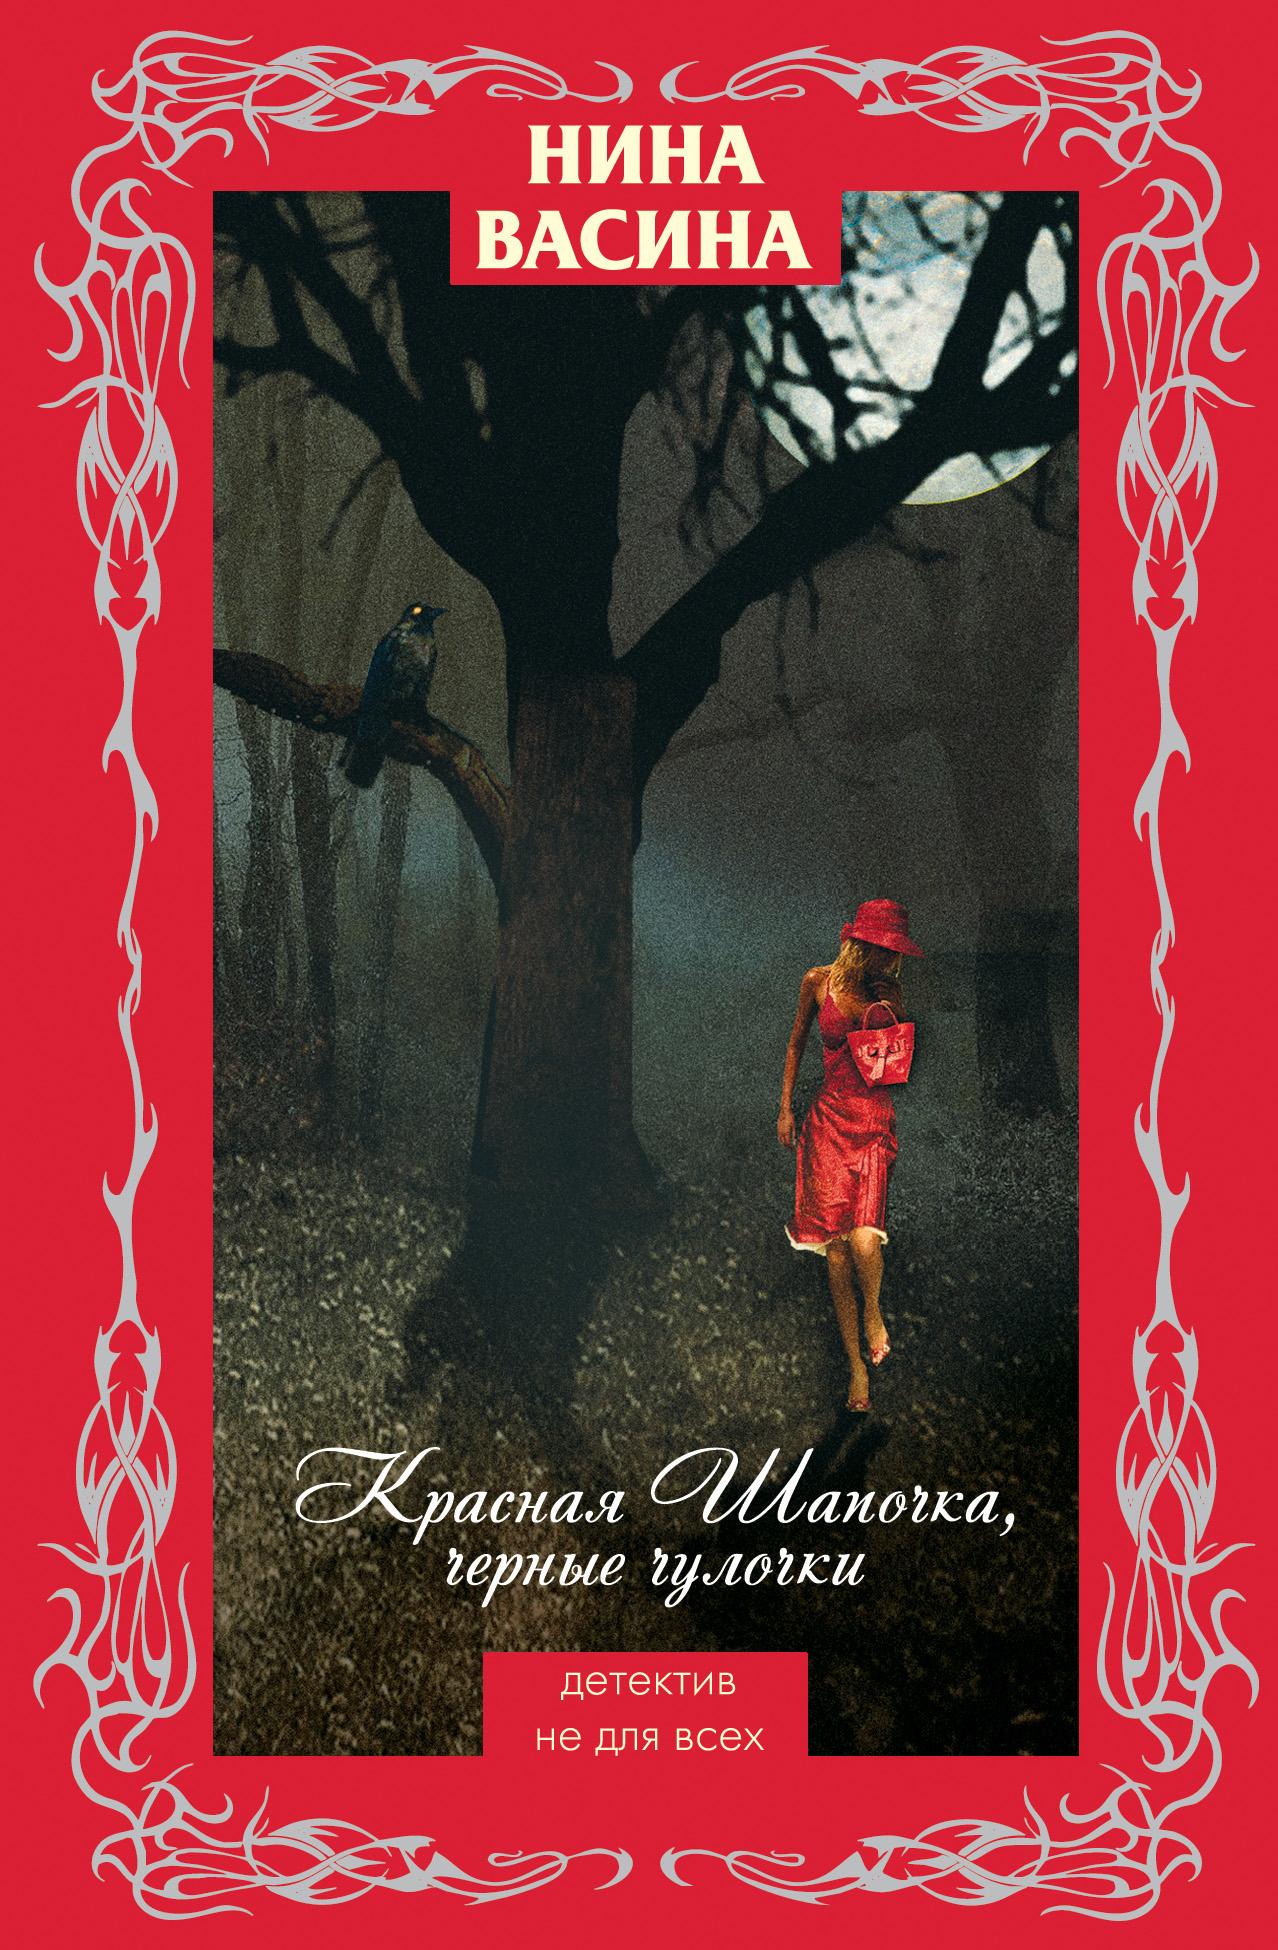 Красная Шапочка, черные чулочки ( Нина Васина  )